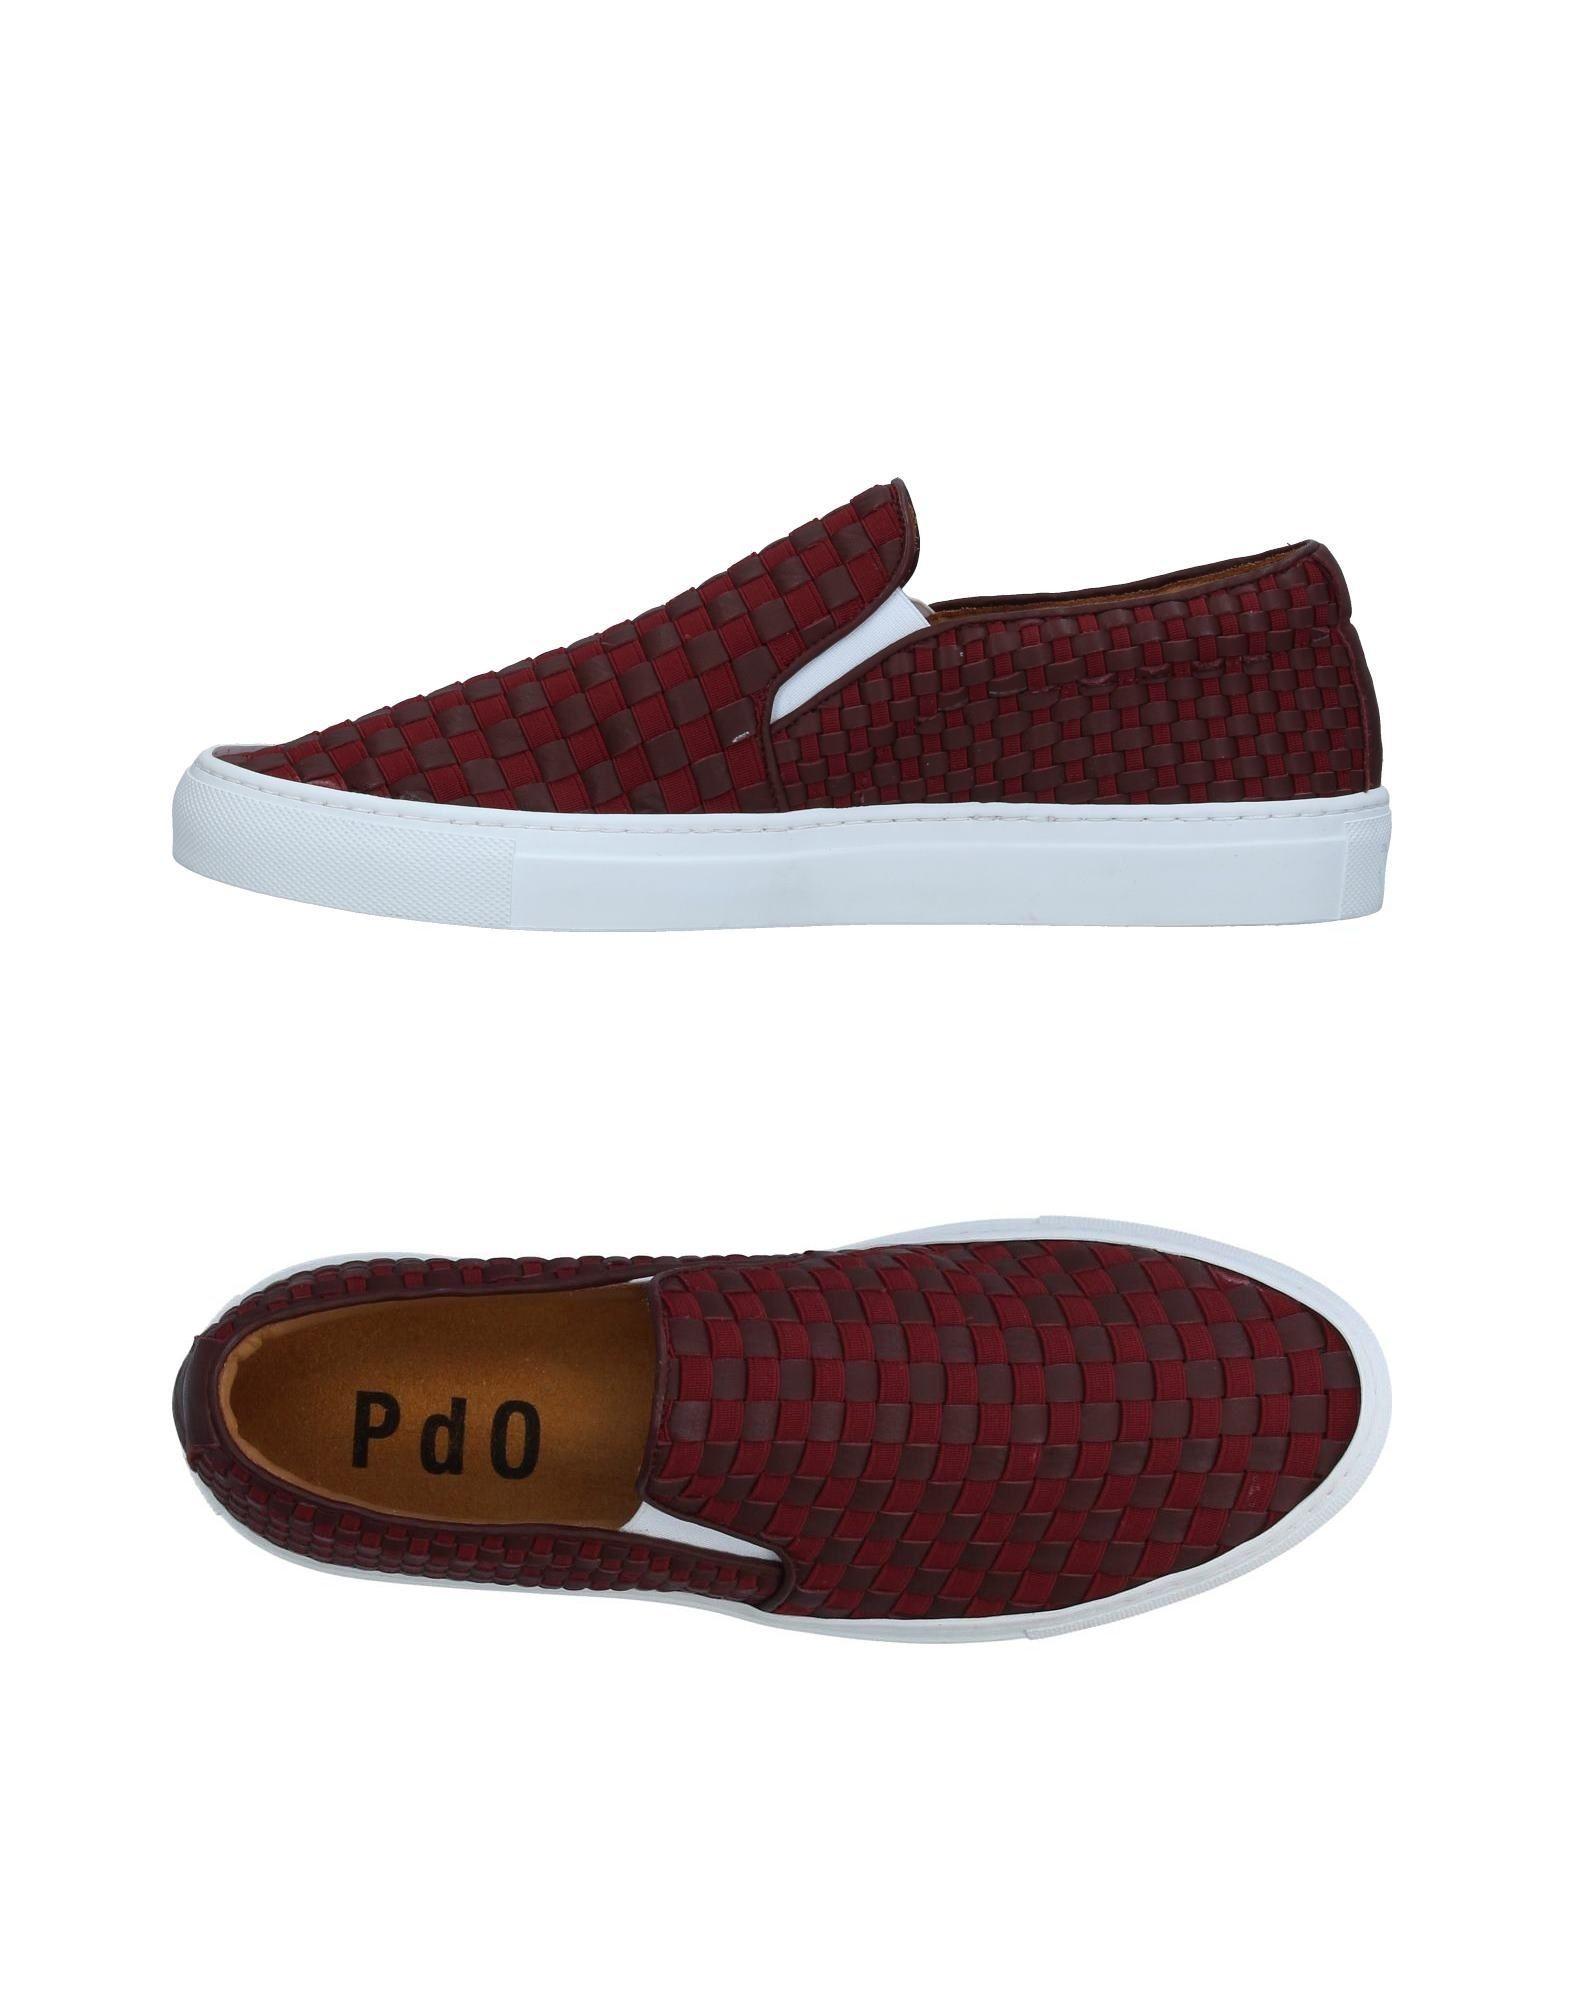 Pantofola D'oro Sneakers Herren  11353601SG